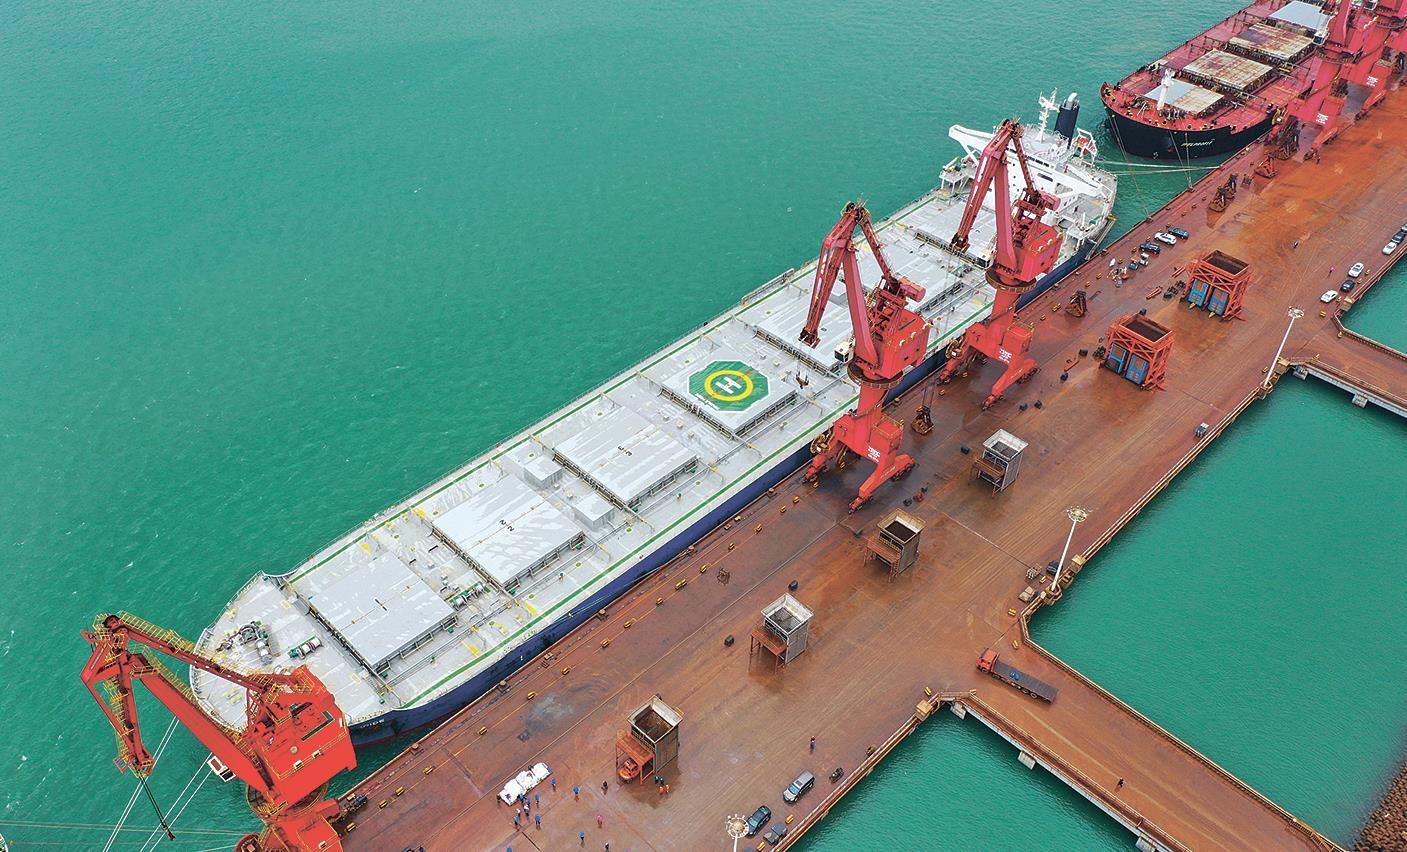 我国进口化肥最大船舶靠泊连云港港